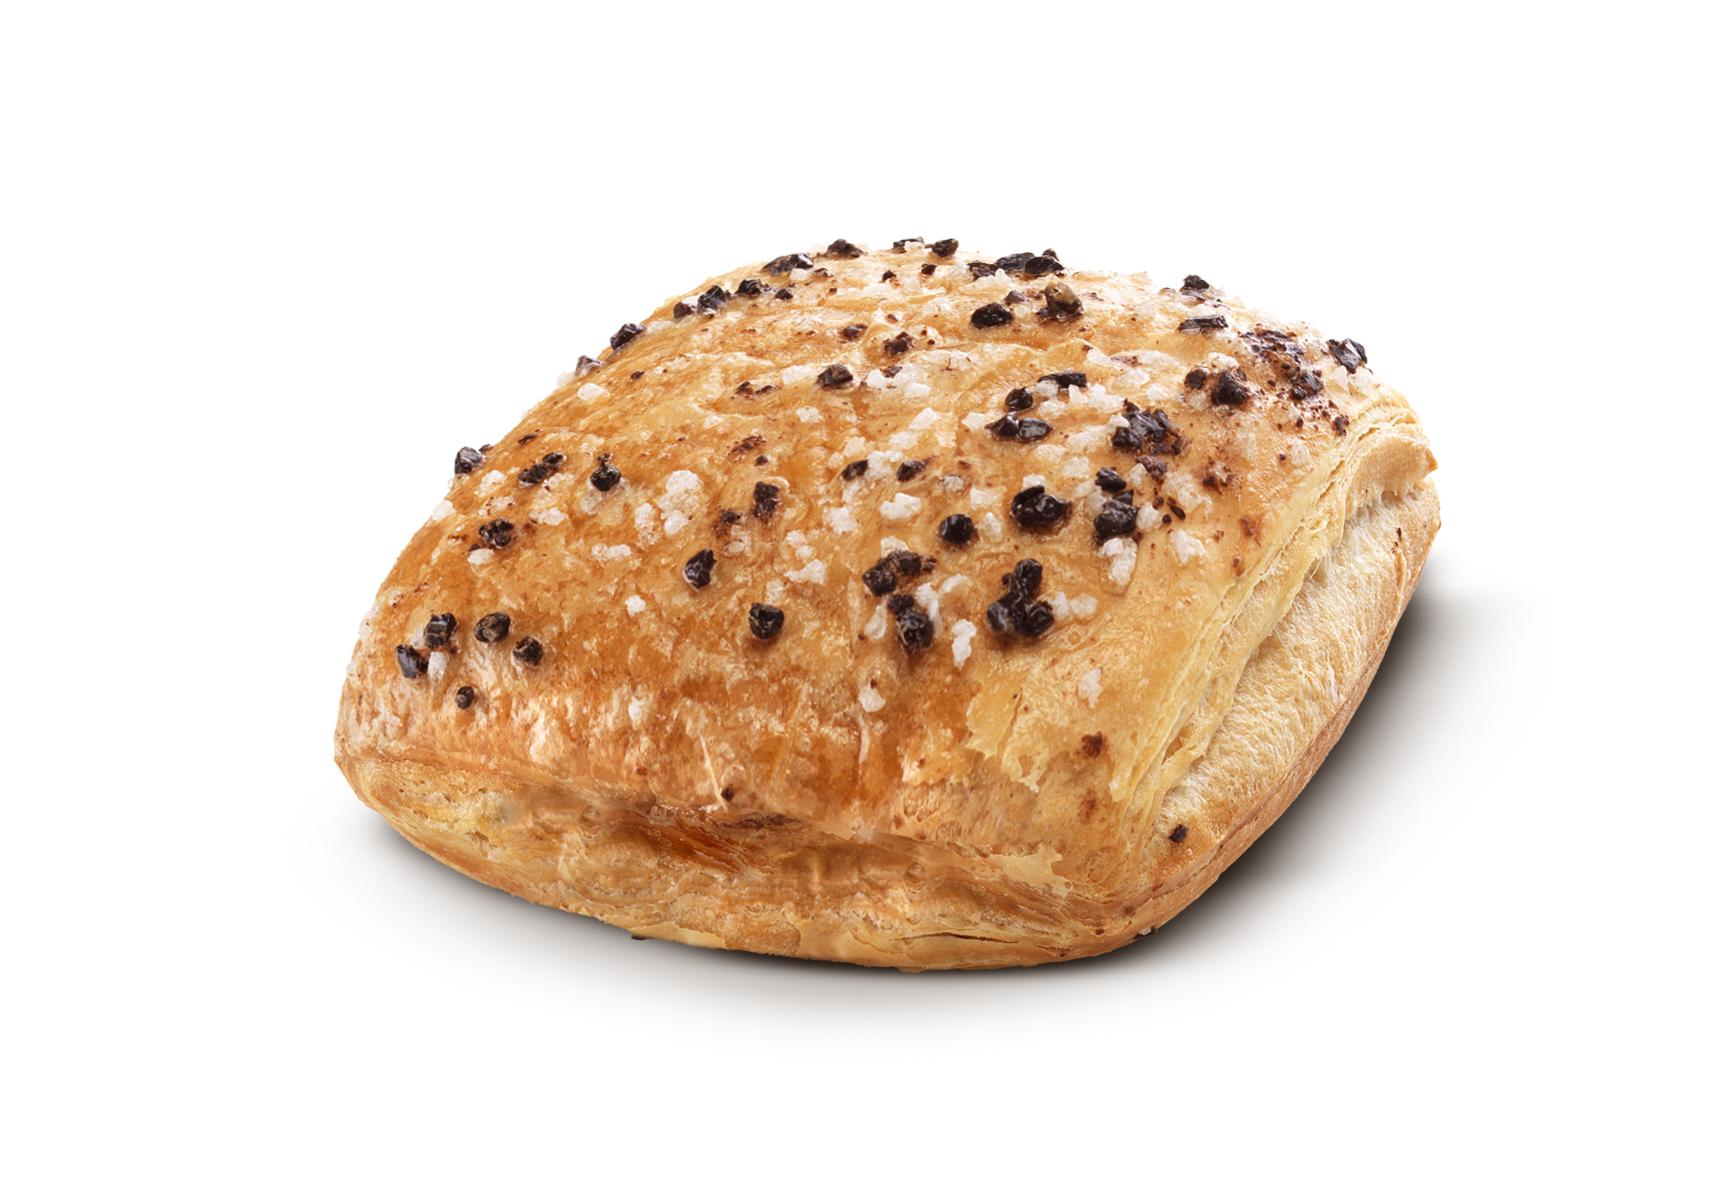 Bombolo con crema e cioccolato – Bassa Risoluzione – PNG a 72 DPI